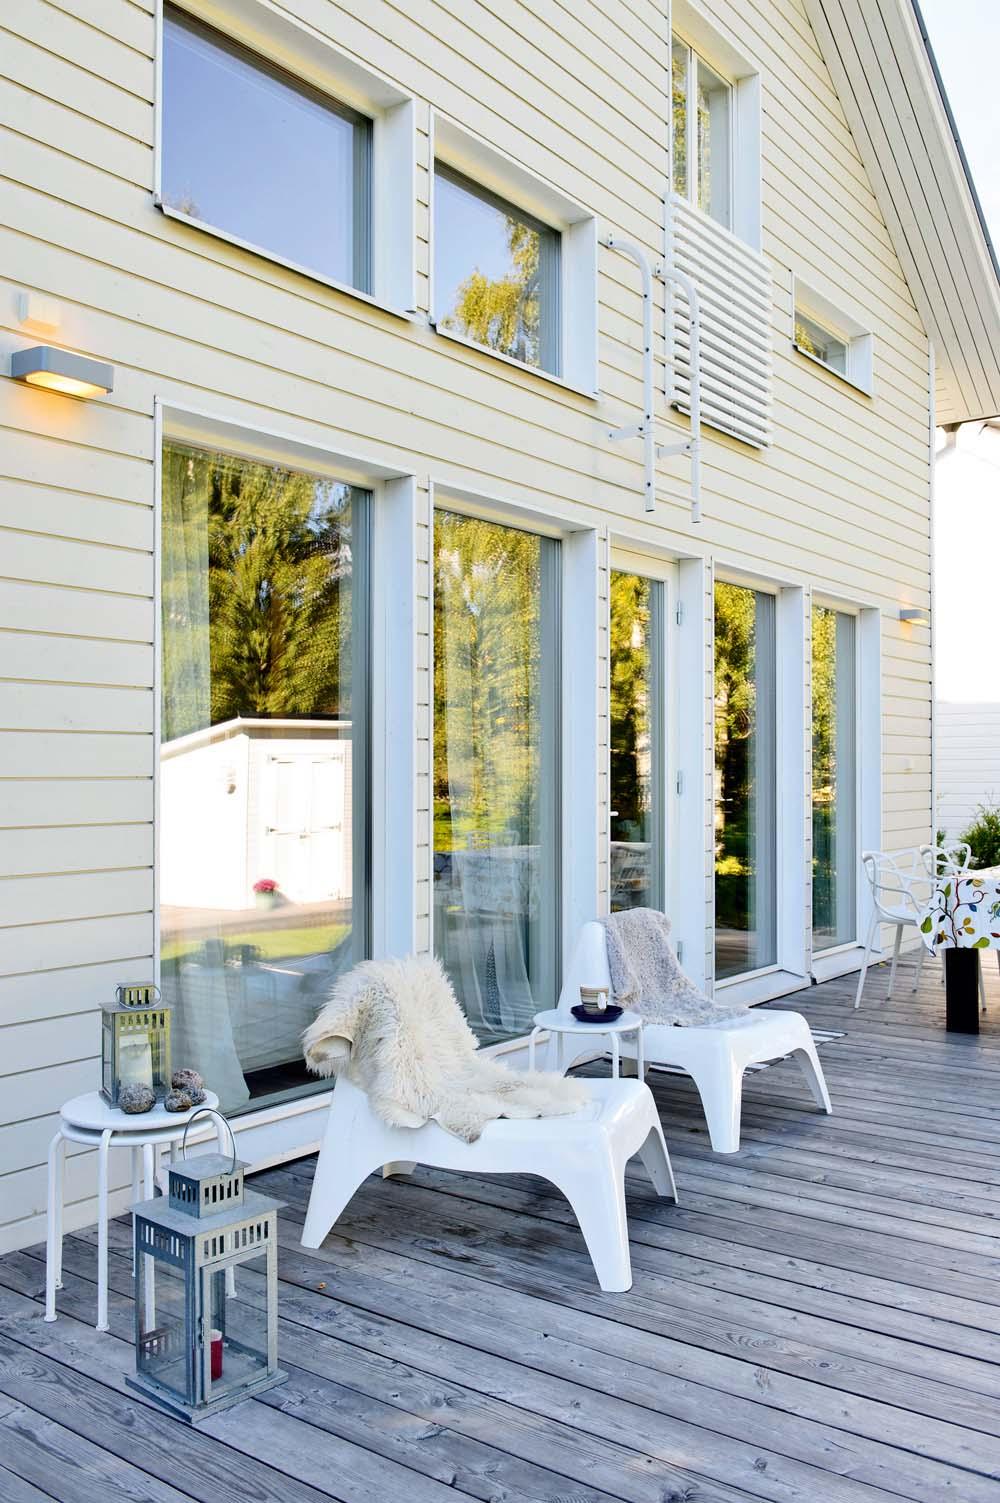 Inredning kalkyl bygga hus : Detta behöver du när du ska bygga hus | Media Extra